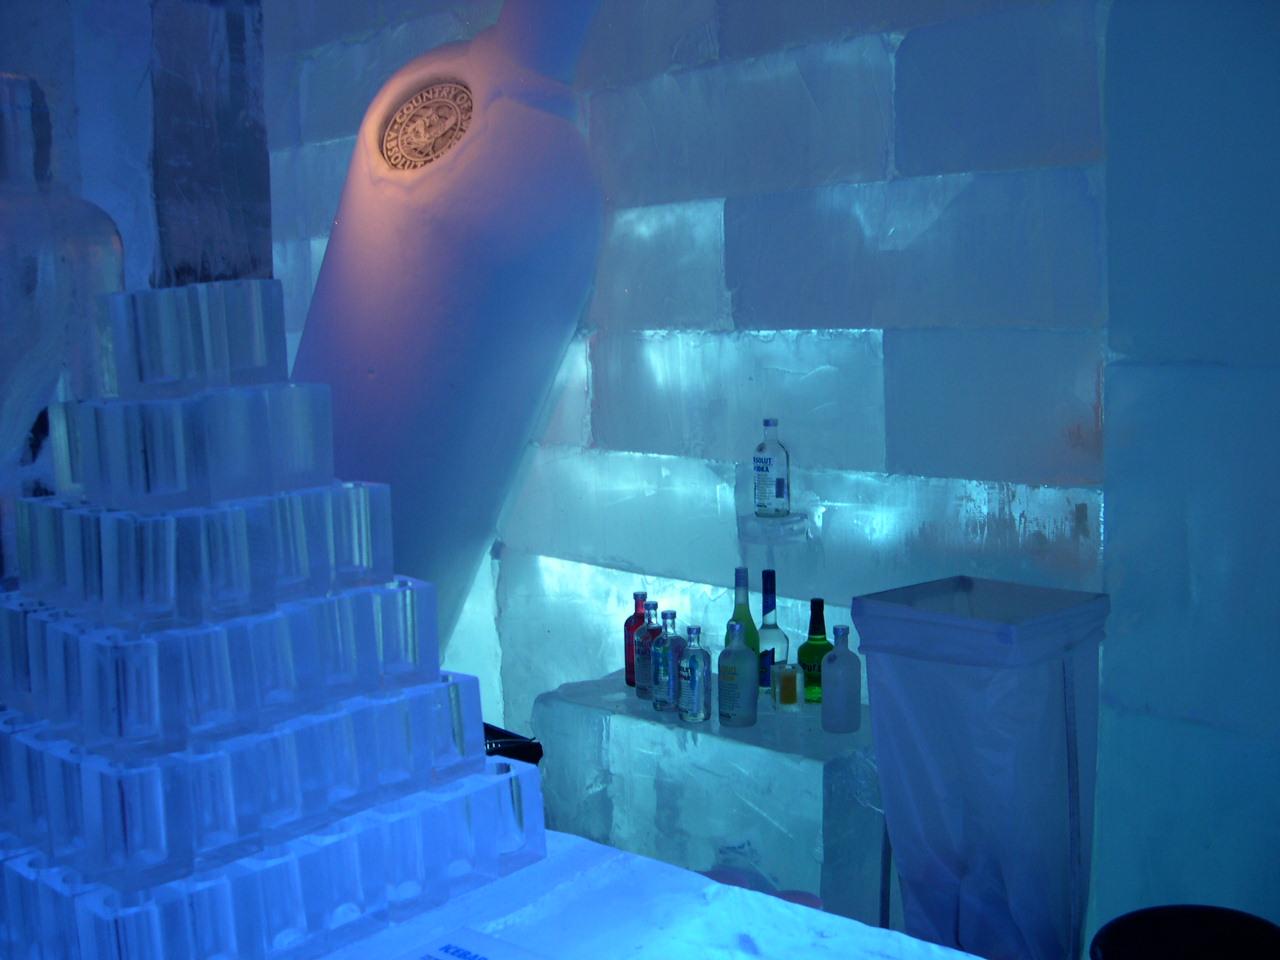 بالصور فندق من الثلج , تجربة فريدة وغريبة 4210 5